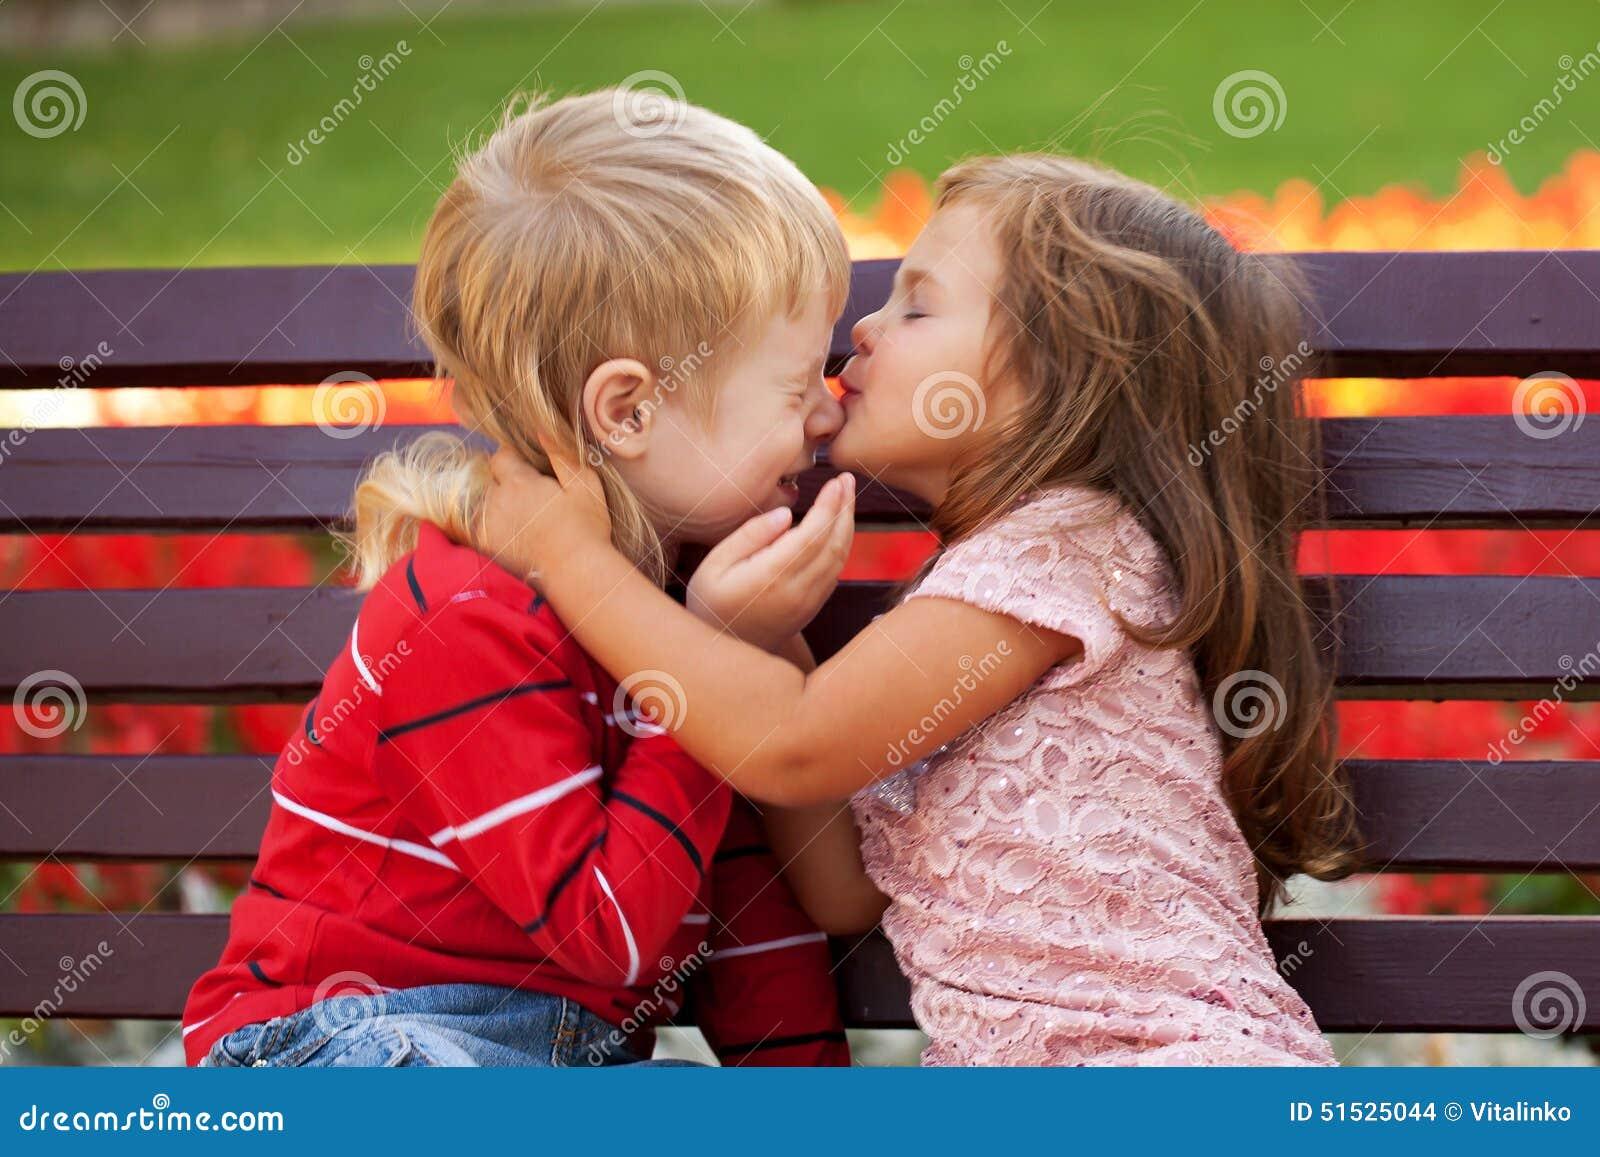 a37854ec33 Concetto di amore Coppie dei bambini che si amano che abbraccia e che bacia